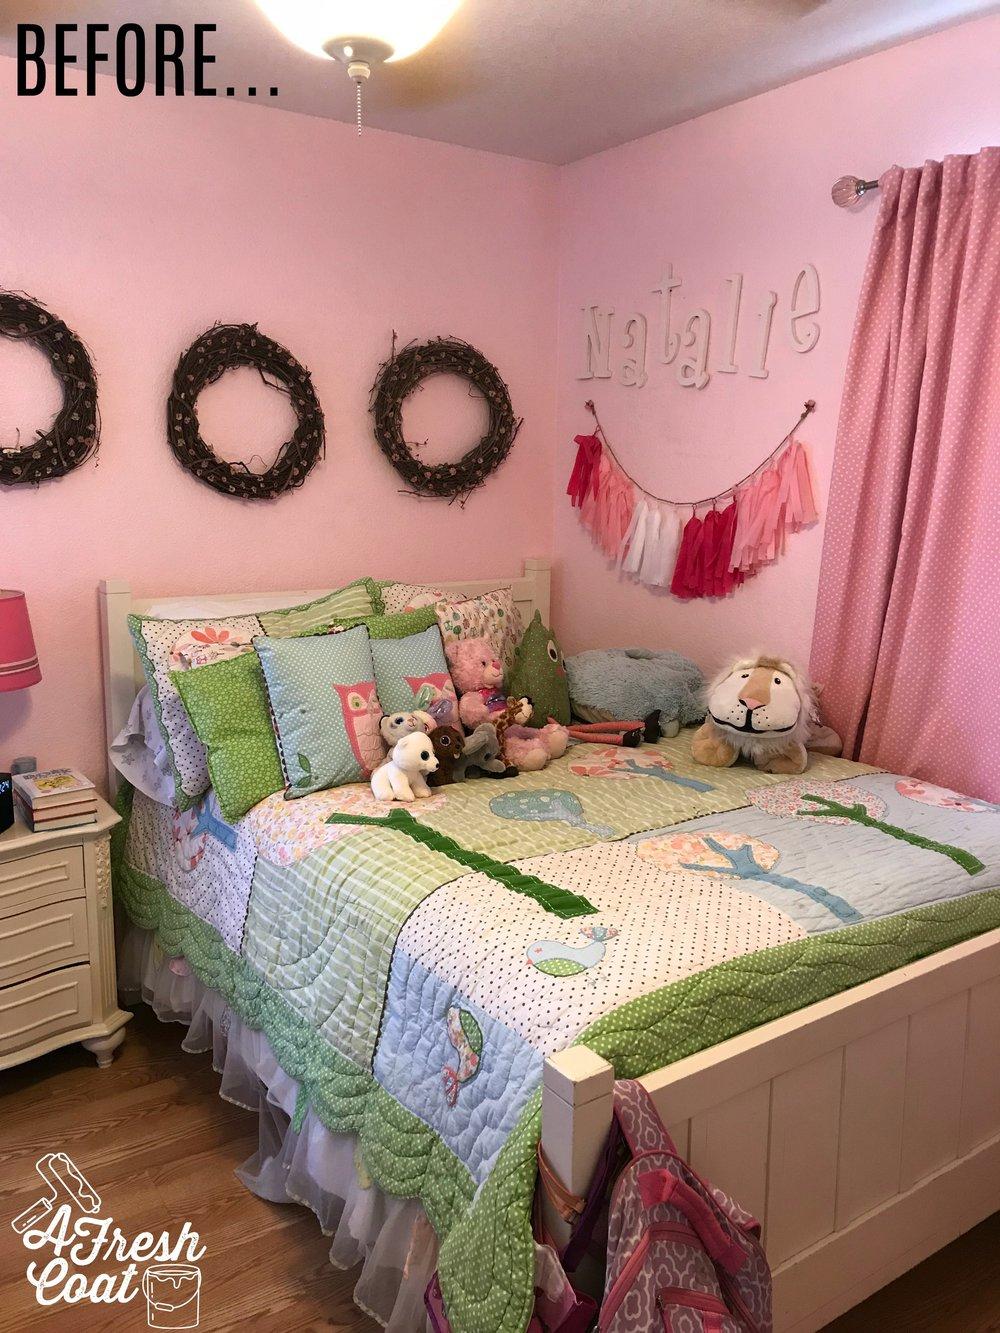 Tween Girl Room Makeover-A Fresh Coat Yuma 5.jpg & Bed of Roses: Tween Girl Room Makeover \u2014 A Fresh Coat